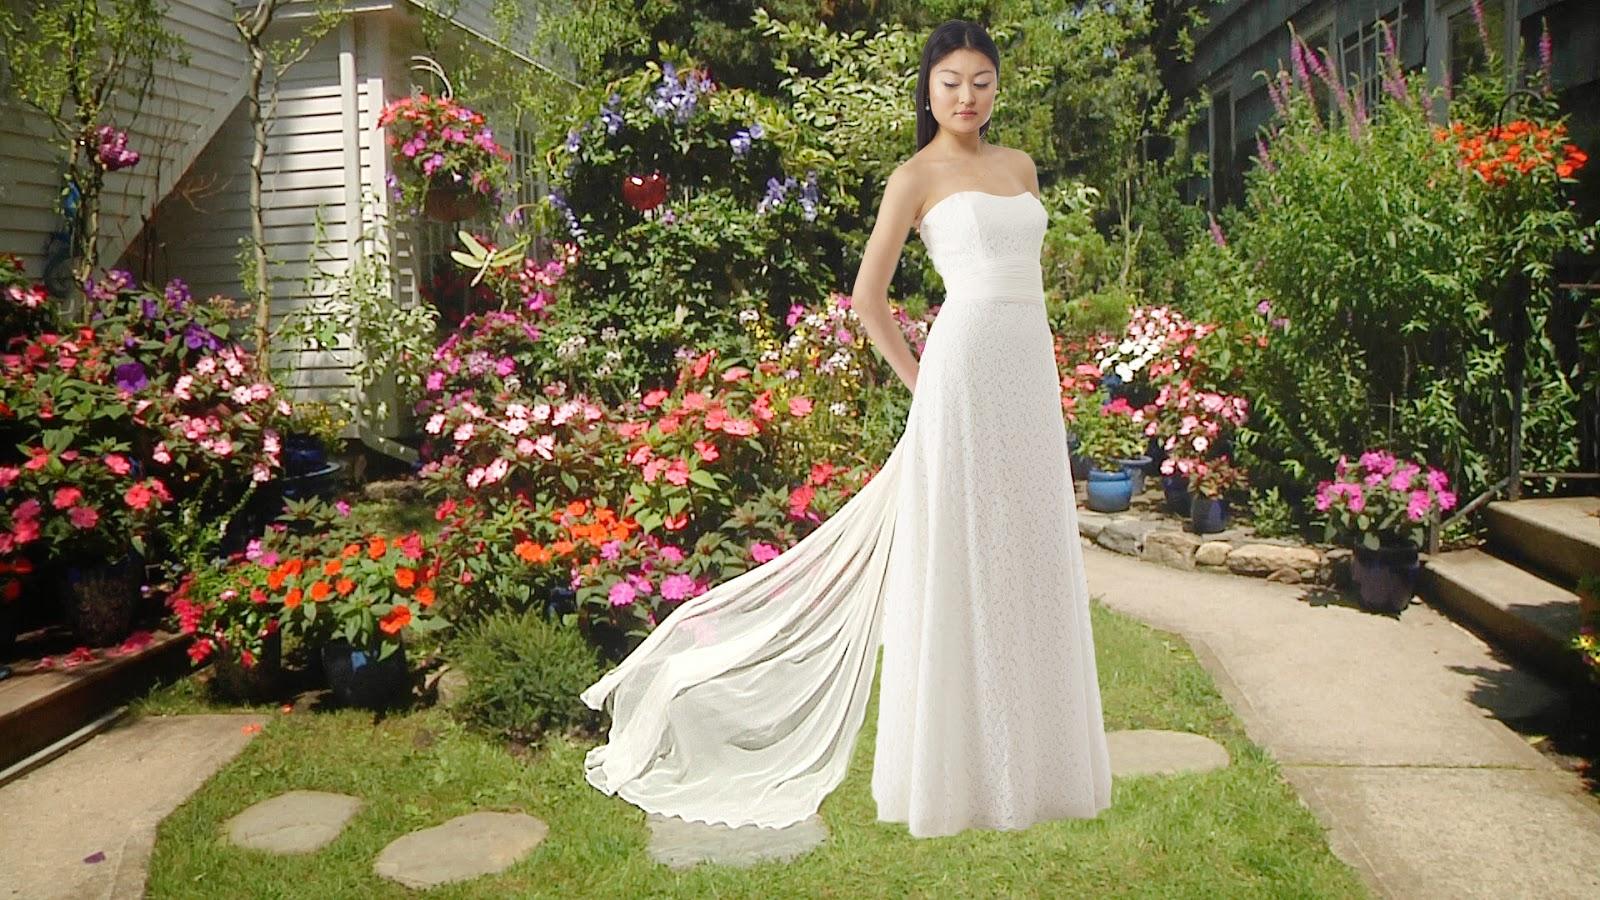 April Rose Bridal: Vintage Chic Wedding Gowns at April Rose